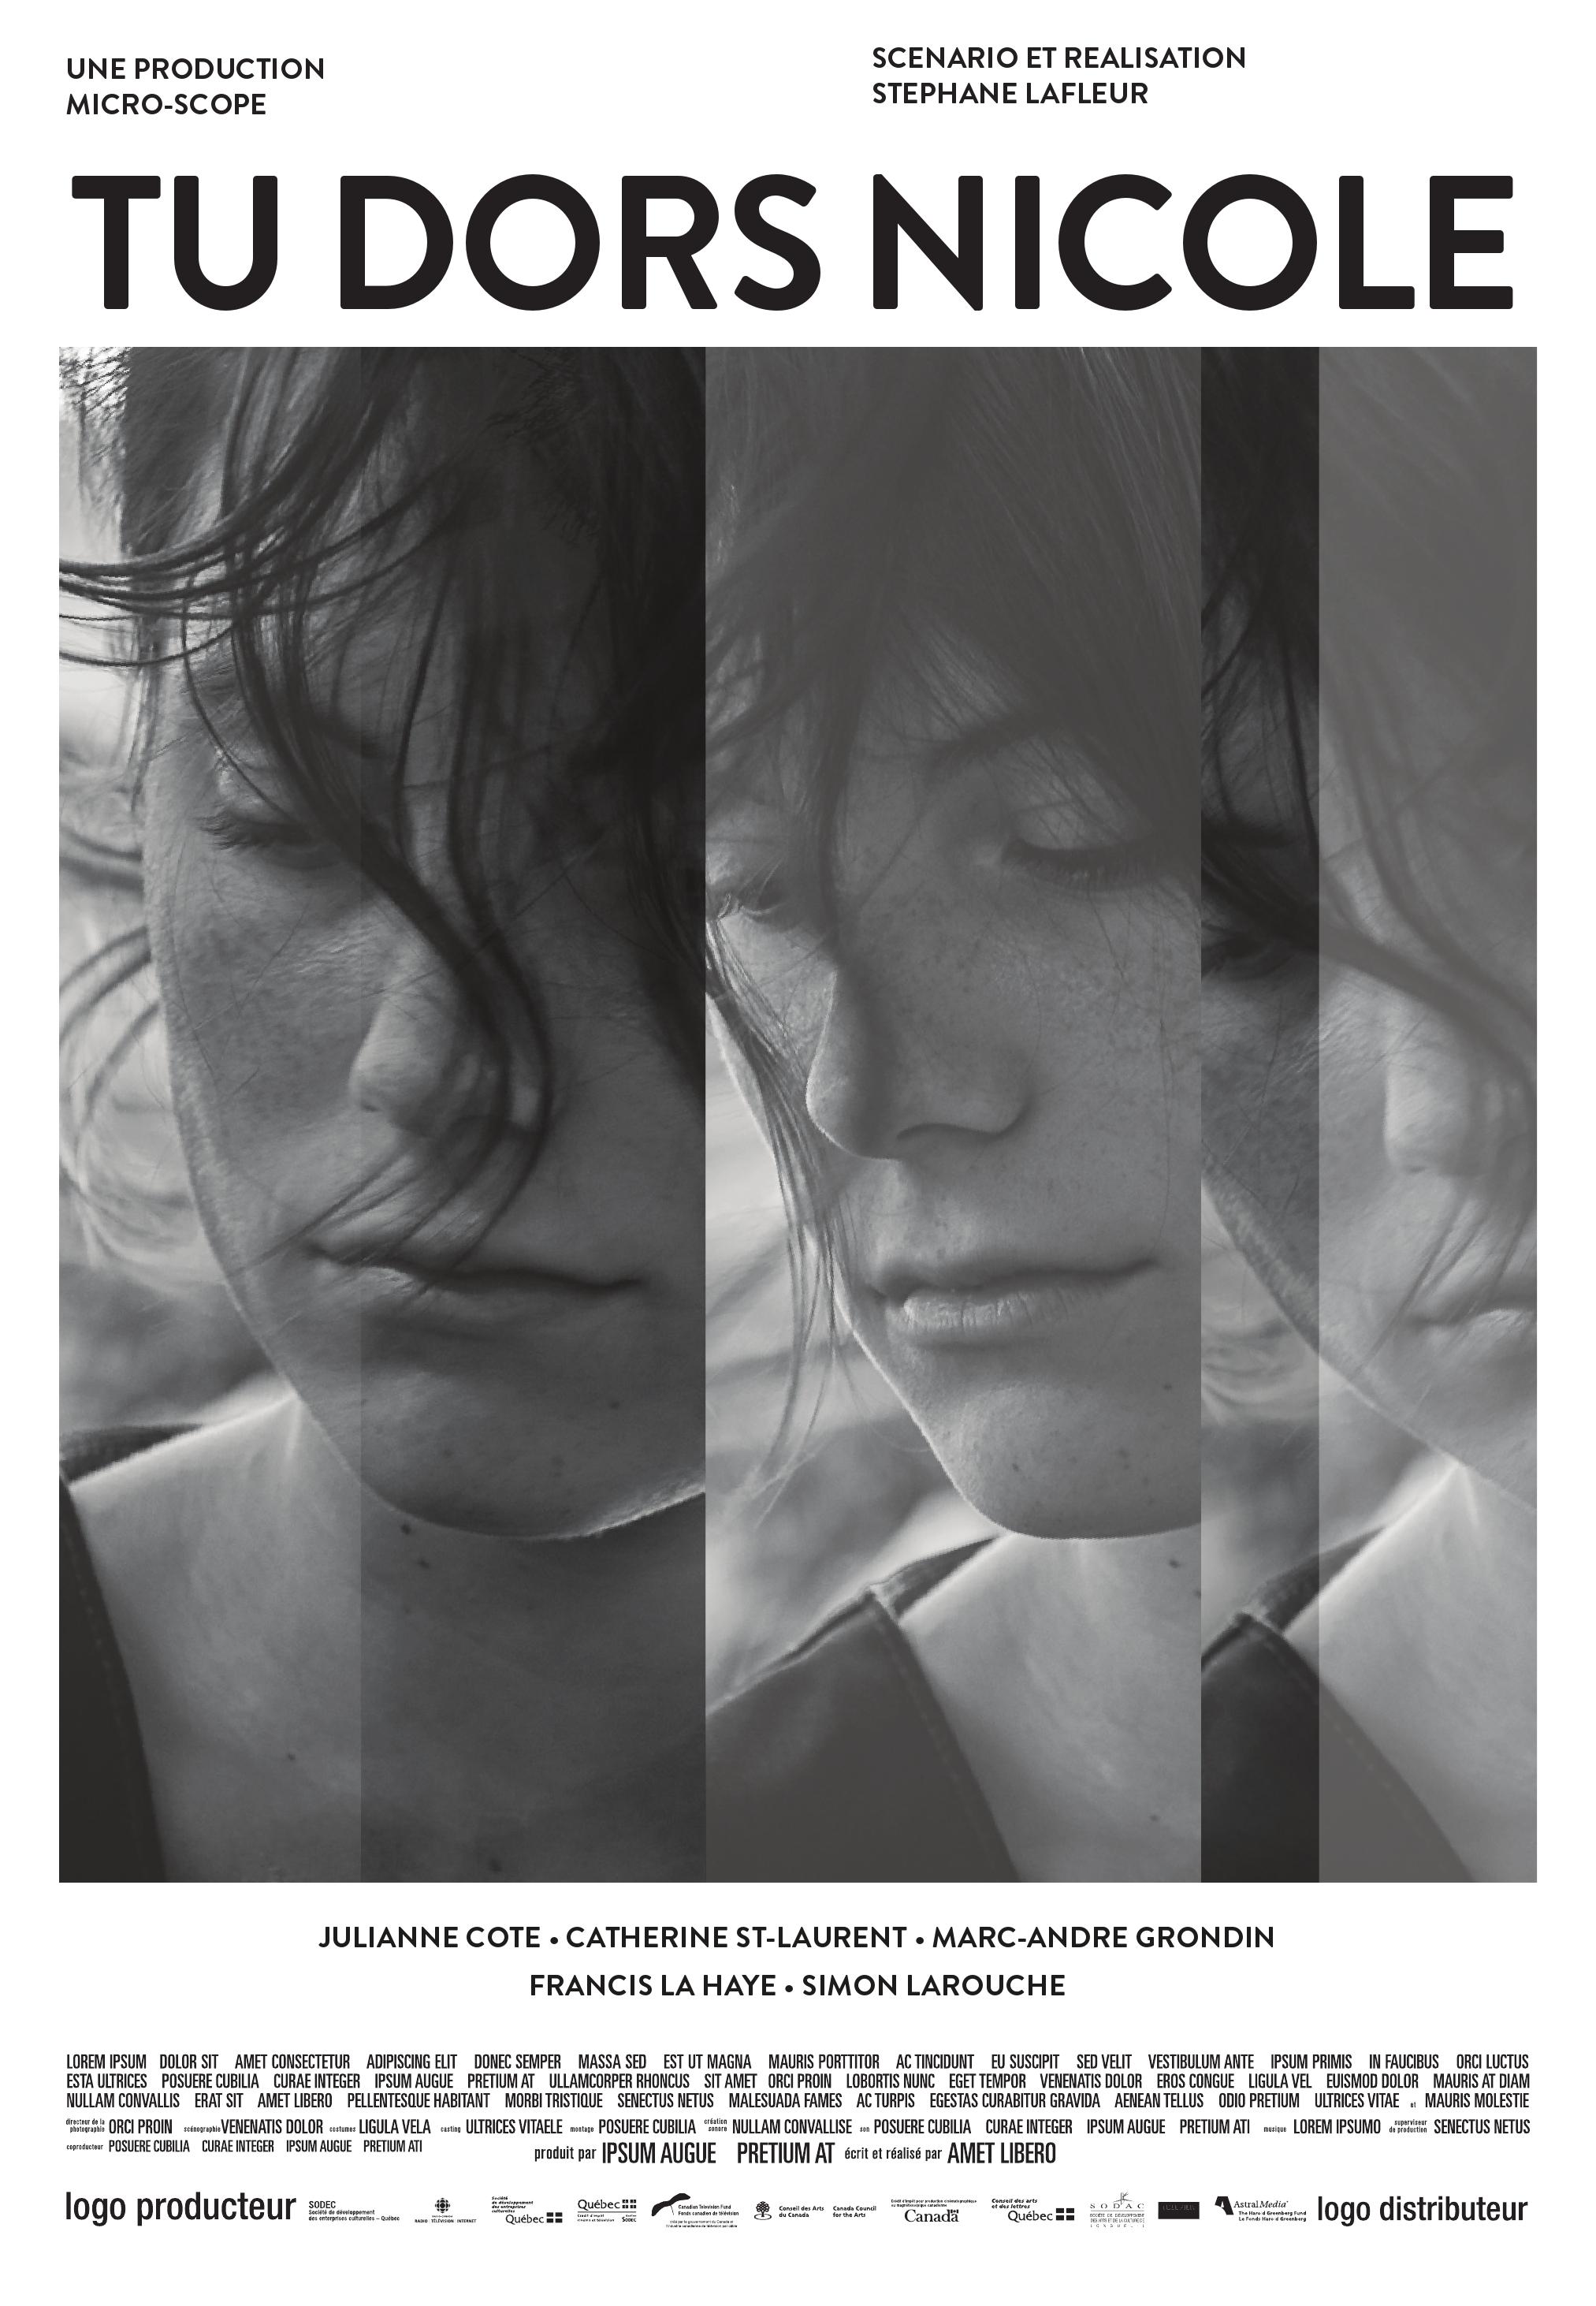 RENZO-TuDorsNicole-Poster-7fev_00001.jpg